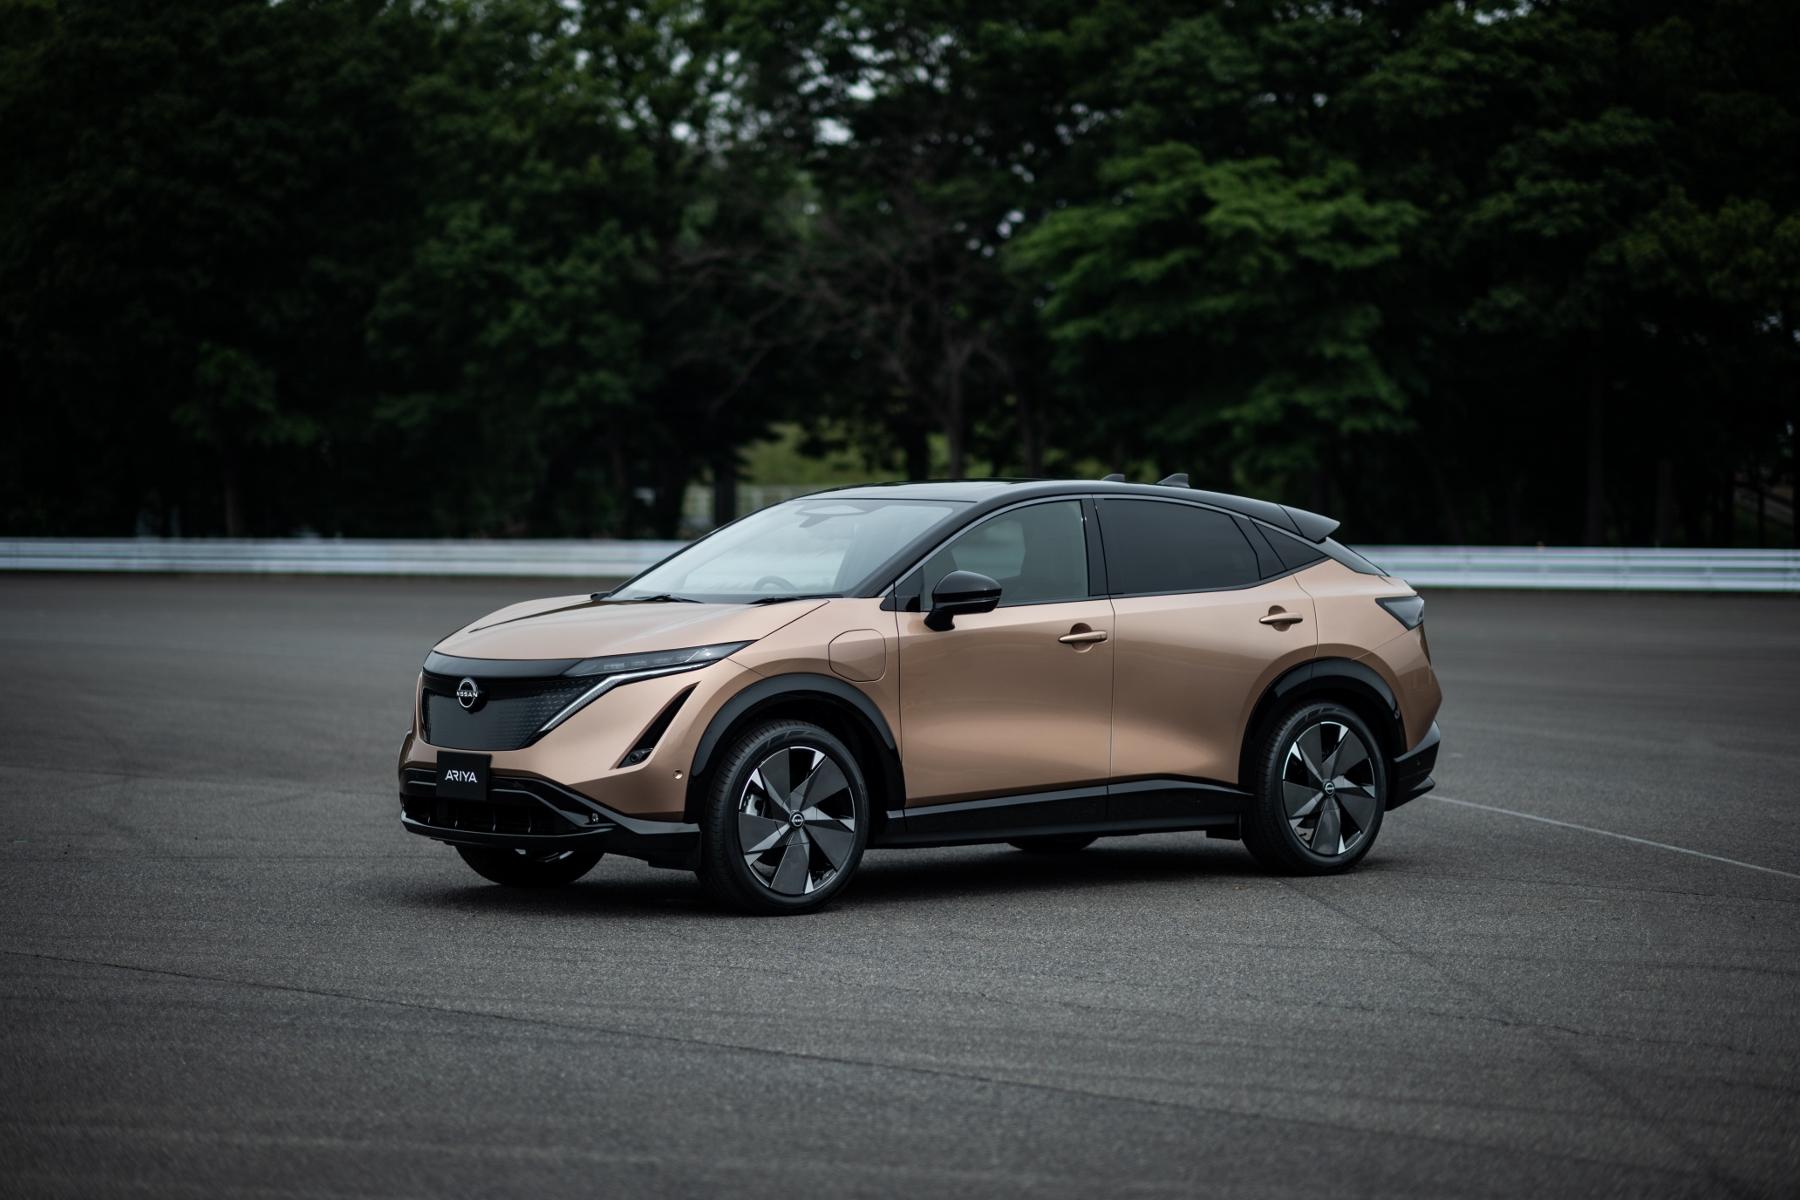 Nissan ukázal elektrický crossover Ariya. Je svojský zvnútra aj zvonku